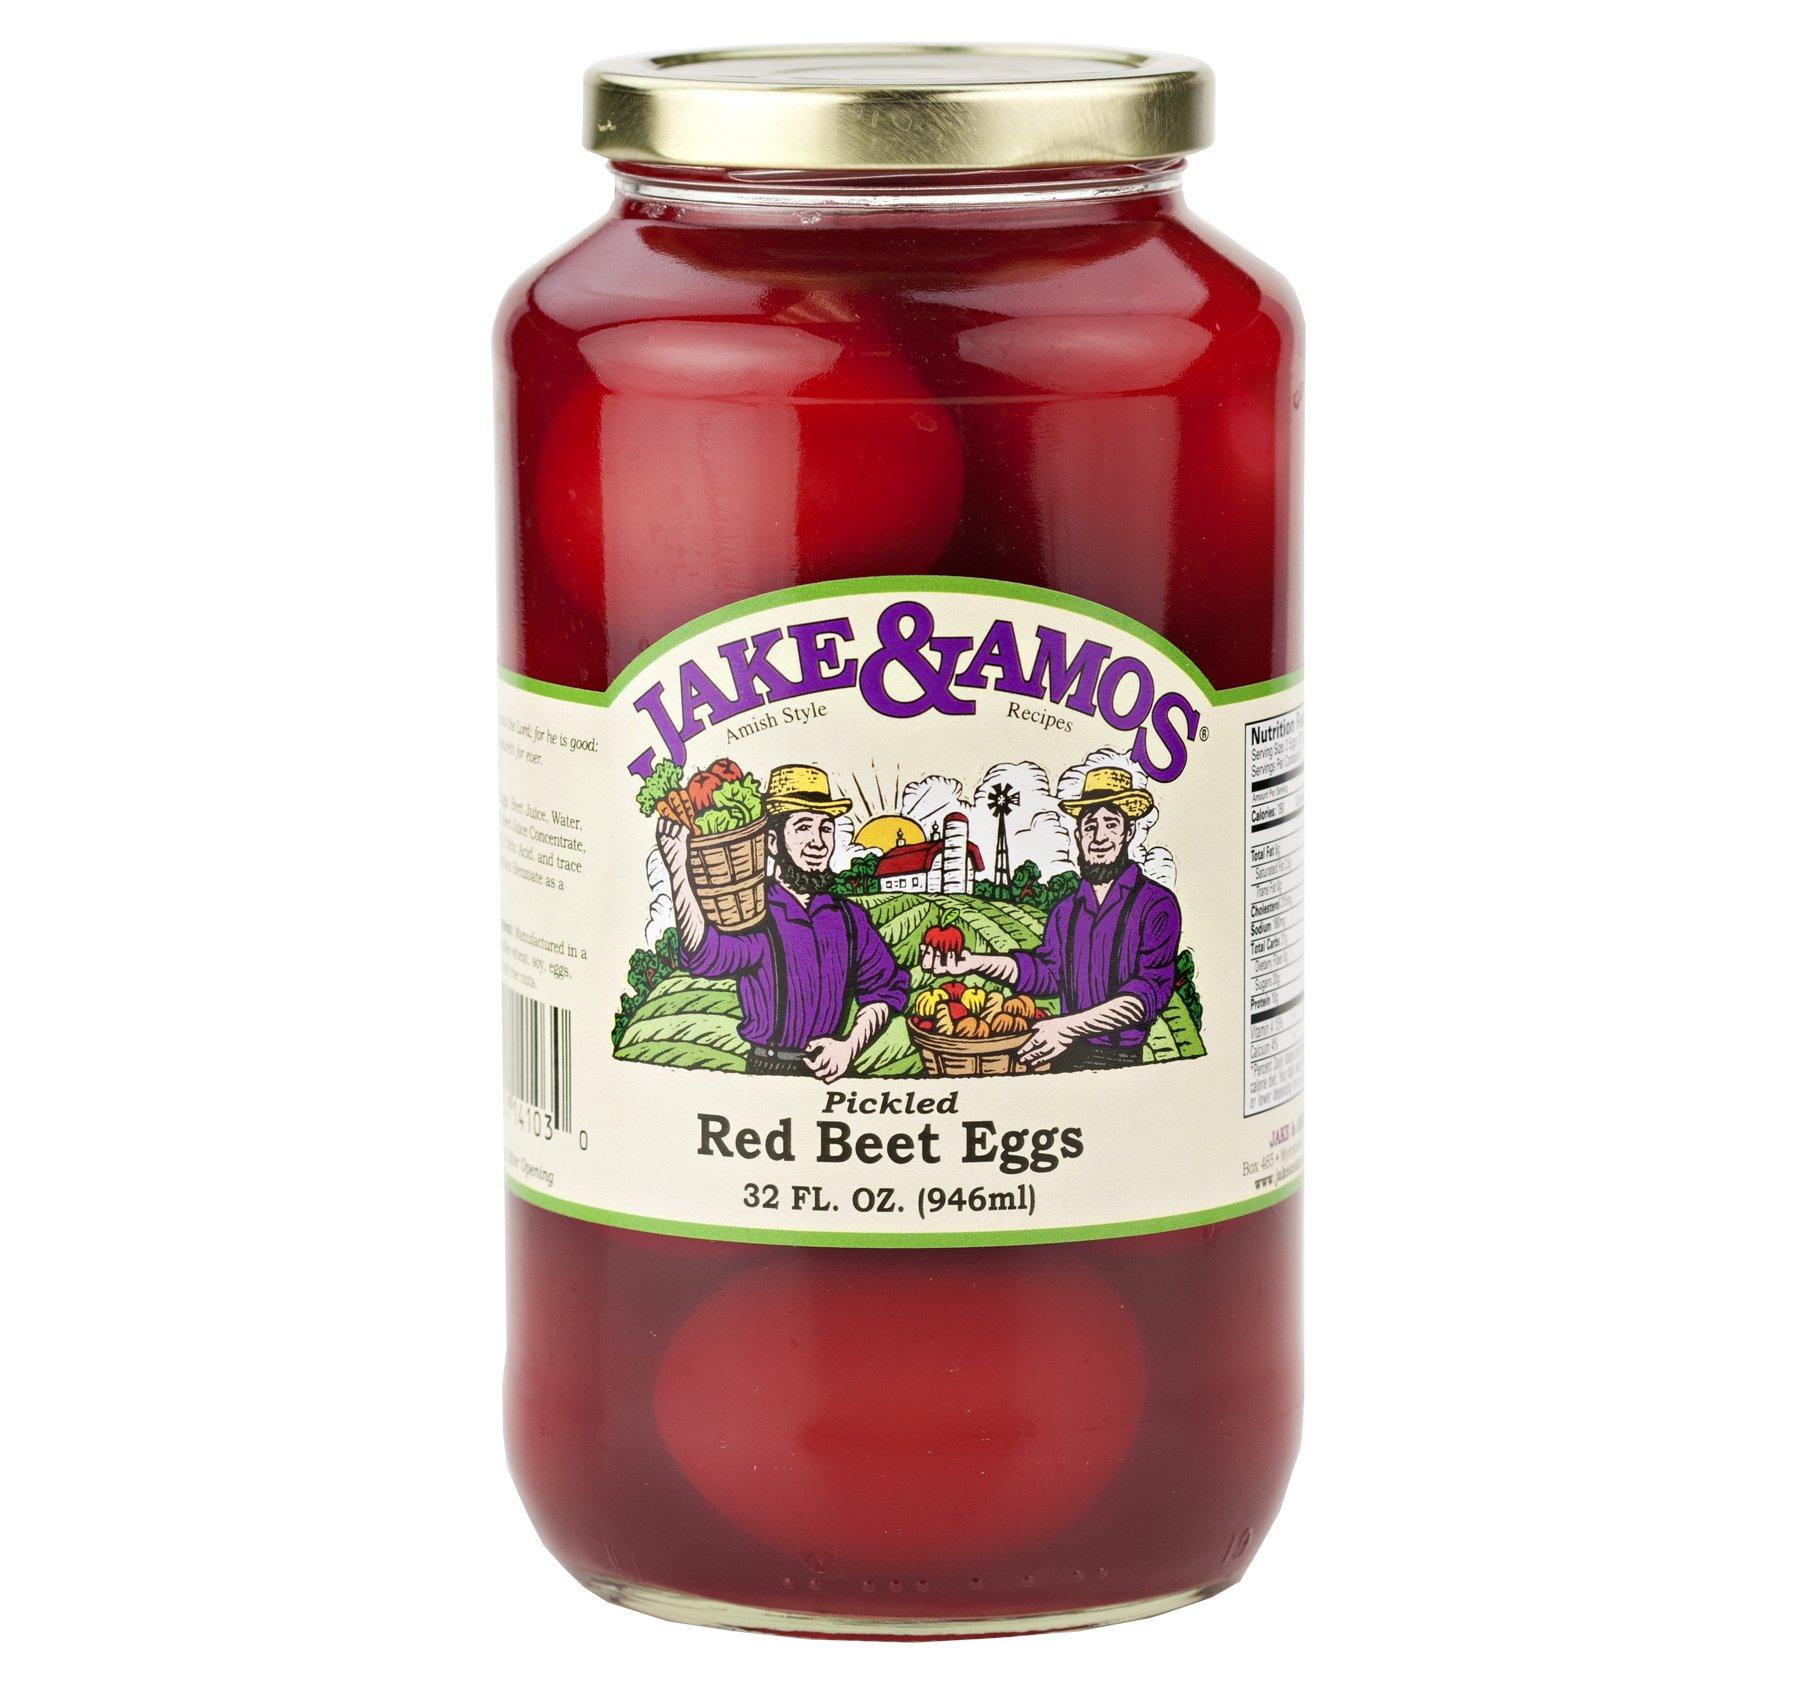 Jake & Amos Pickled Red Beet Eggs 32 Oz. (2 Jars)